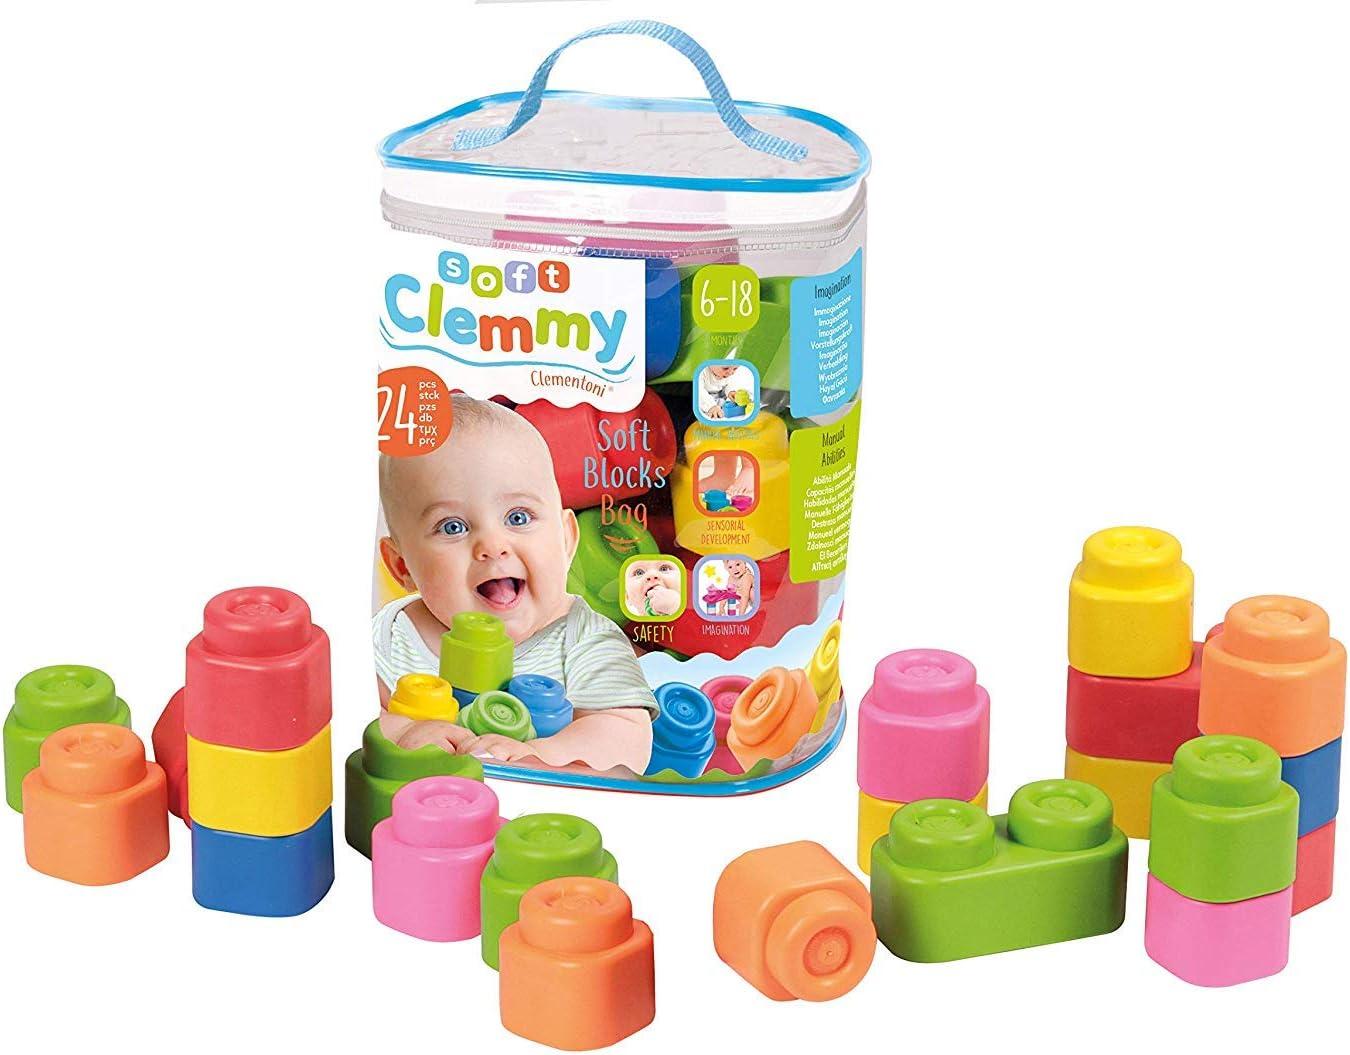 Clementoni-Baby Clemmy Construcción 24 Bloques blandito, Multicolor, (14889)